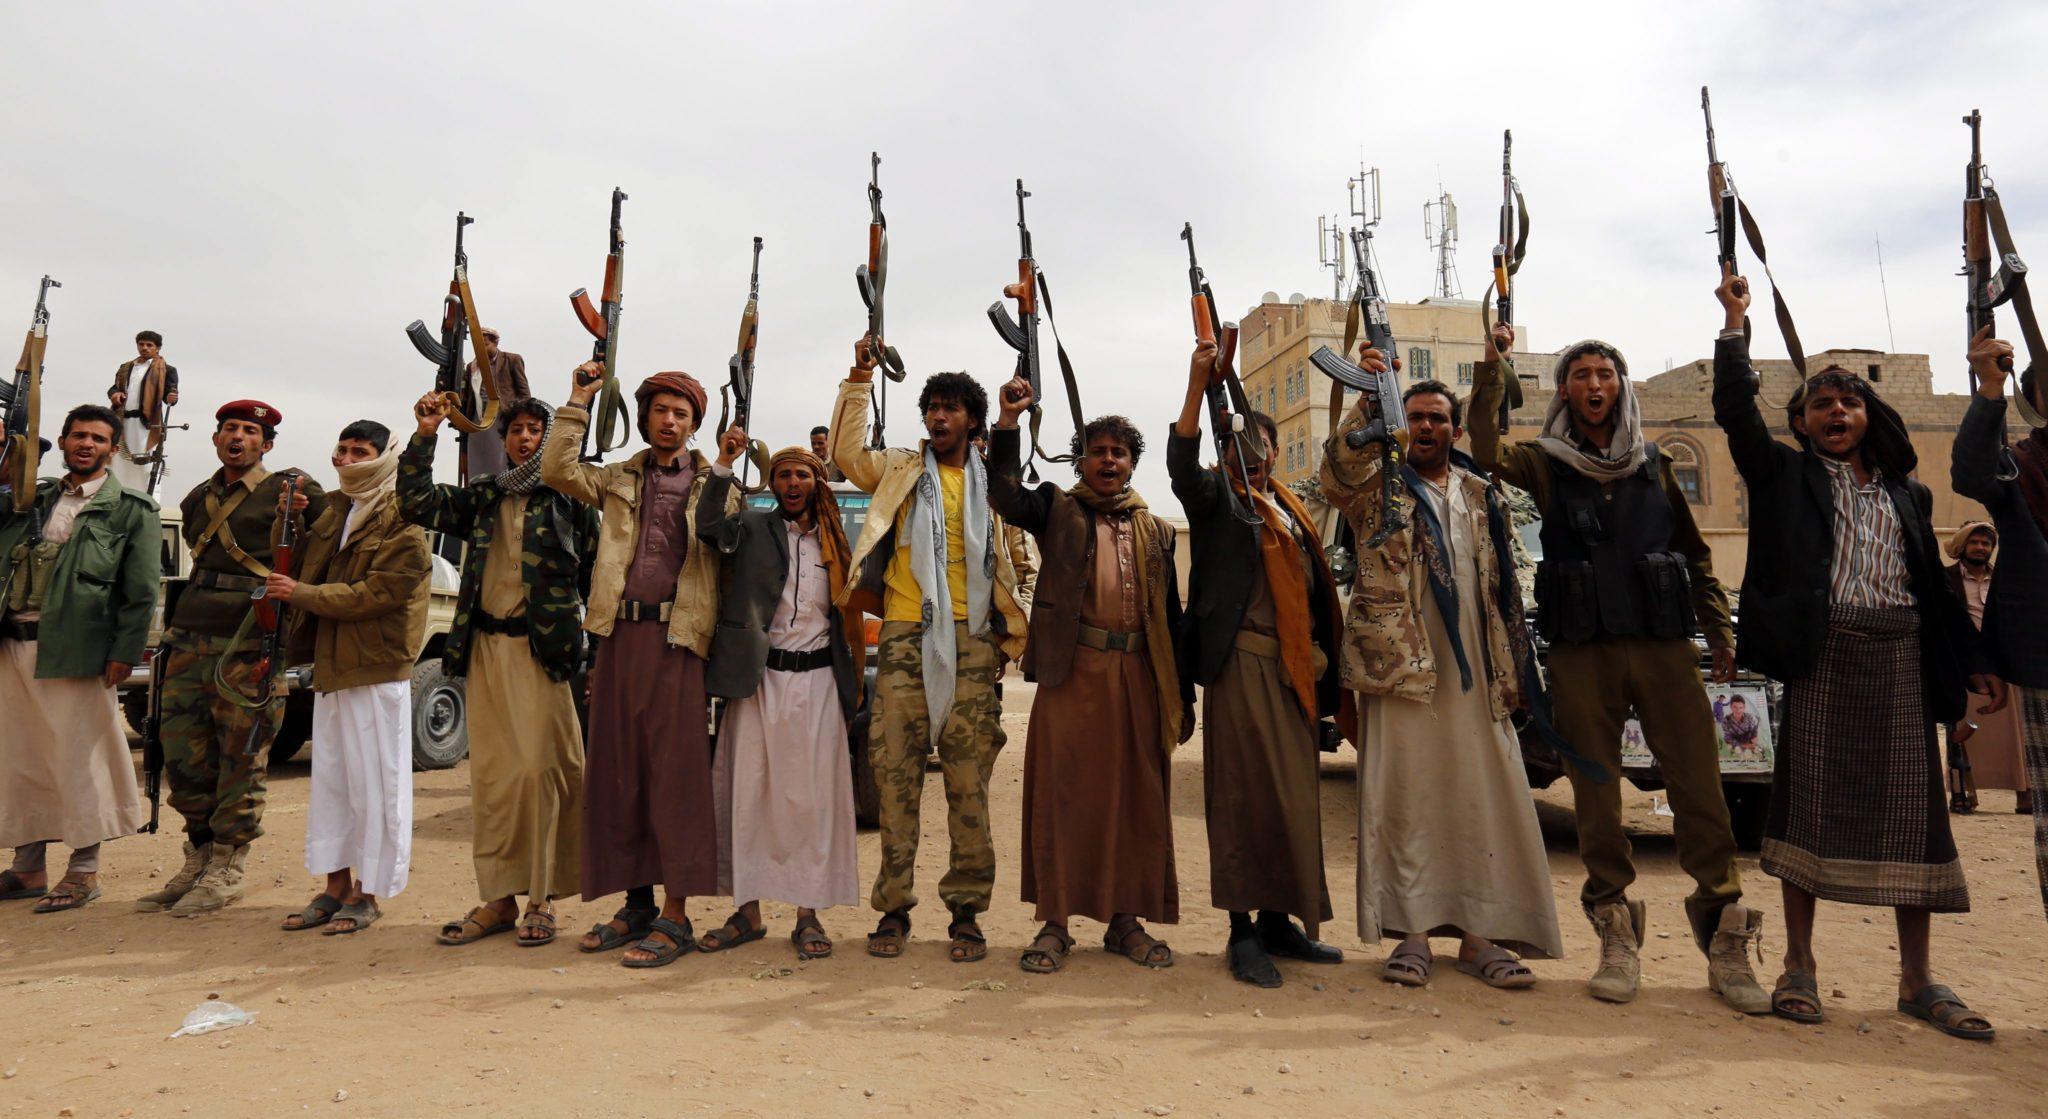 Mobilizacja do walki nowych grup anty-saudyjskich w Jemenie.  Fot. PAP/ EPA/YAHYA ARHAB